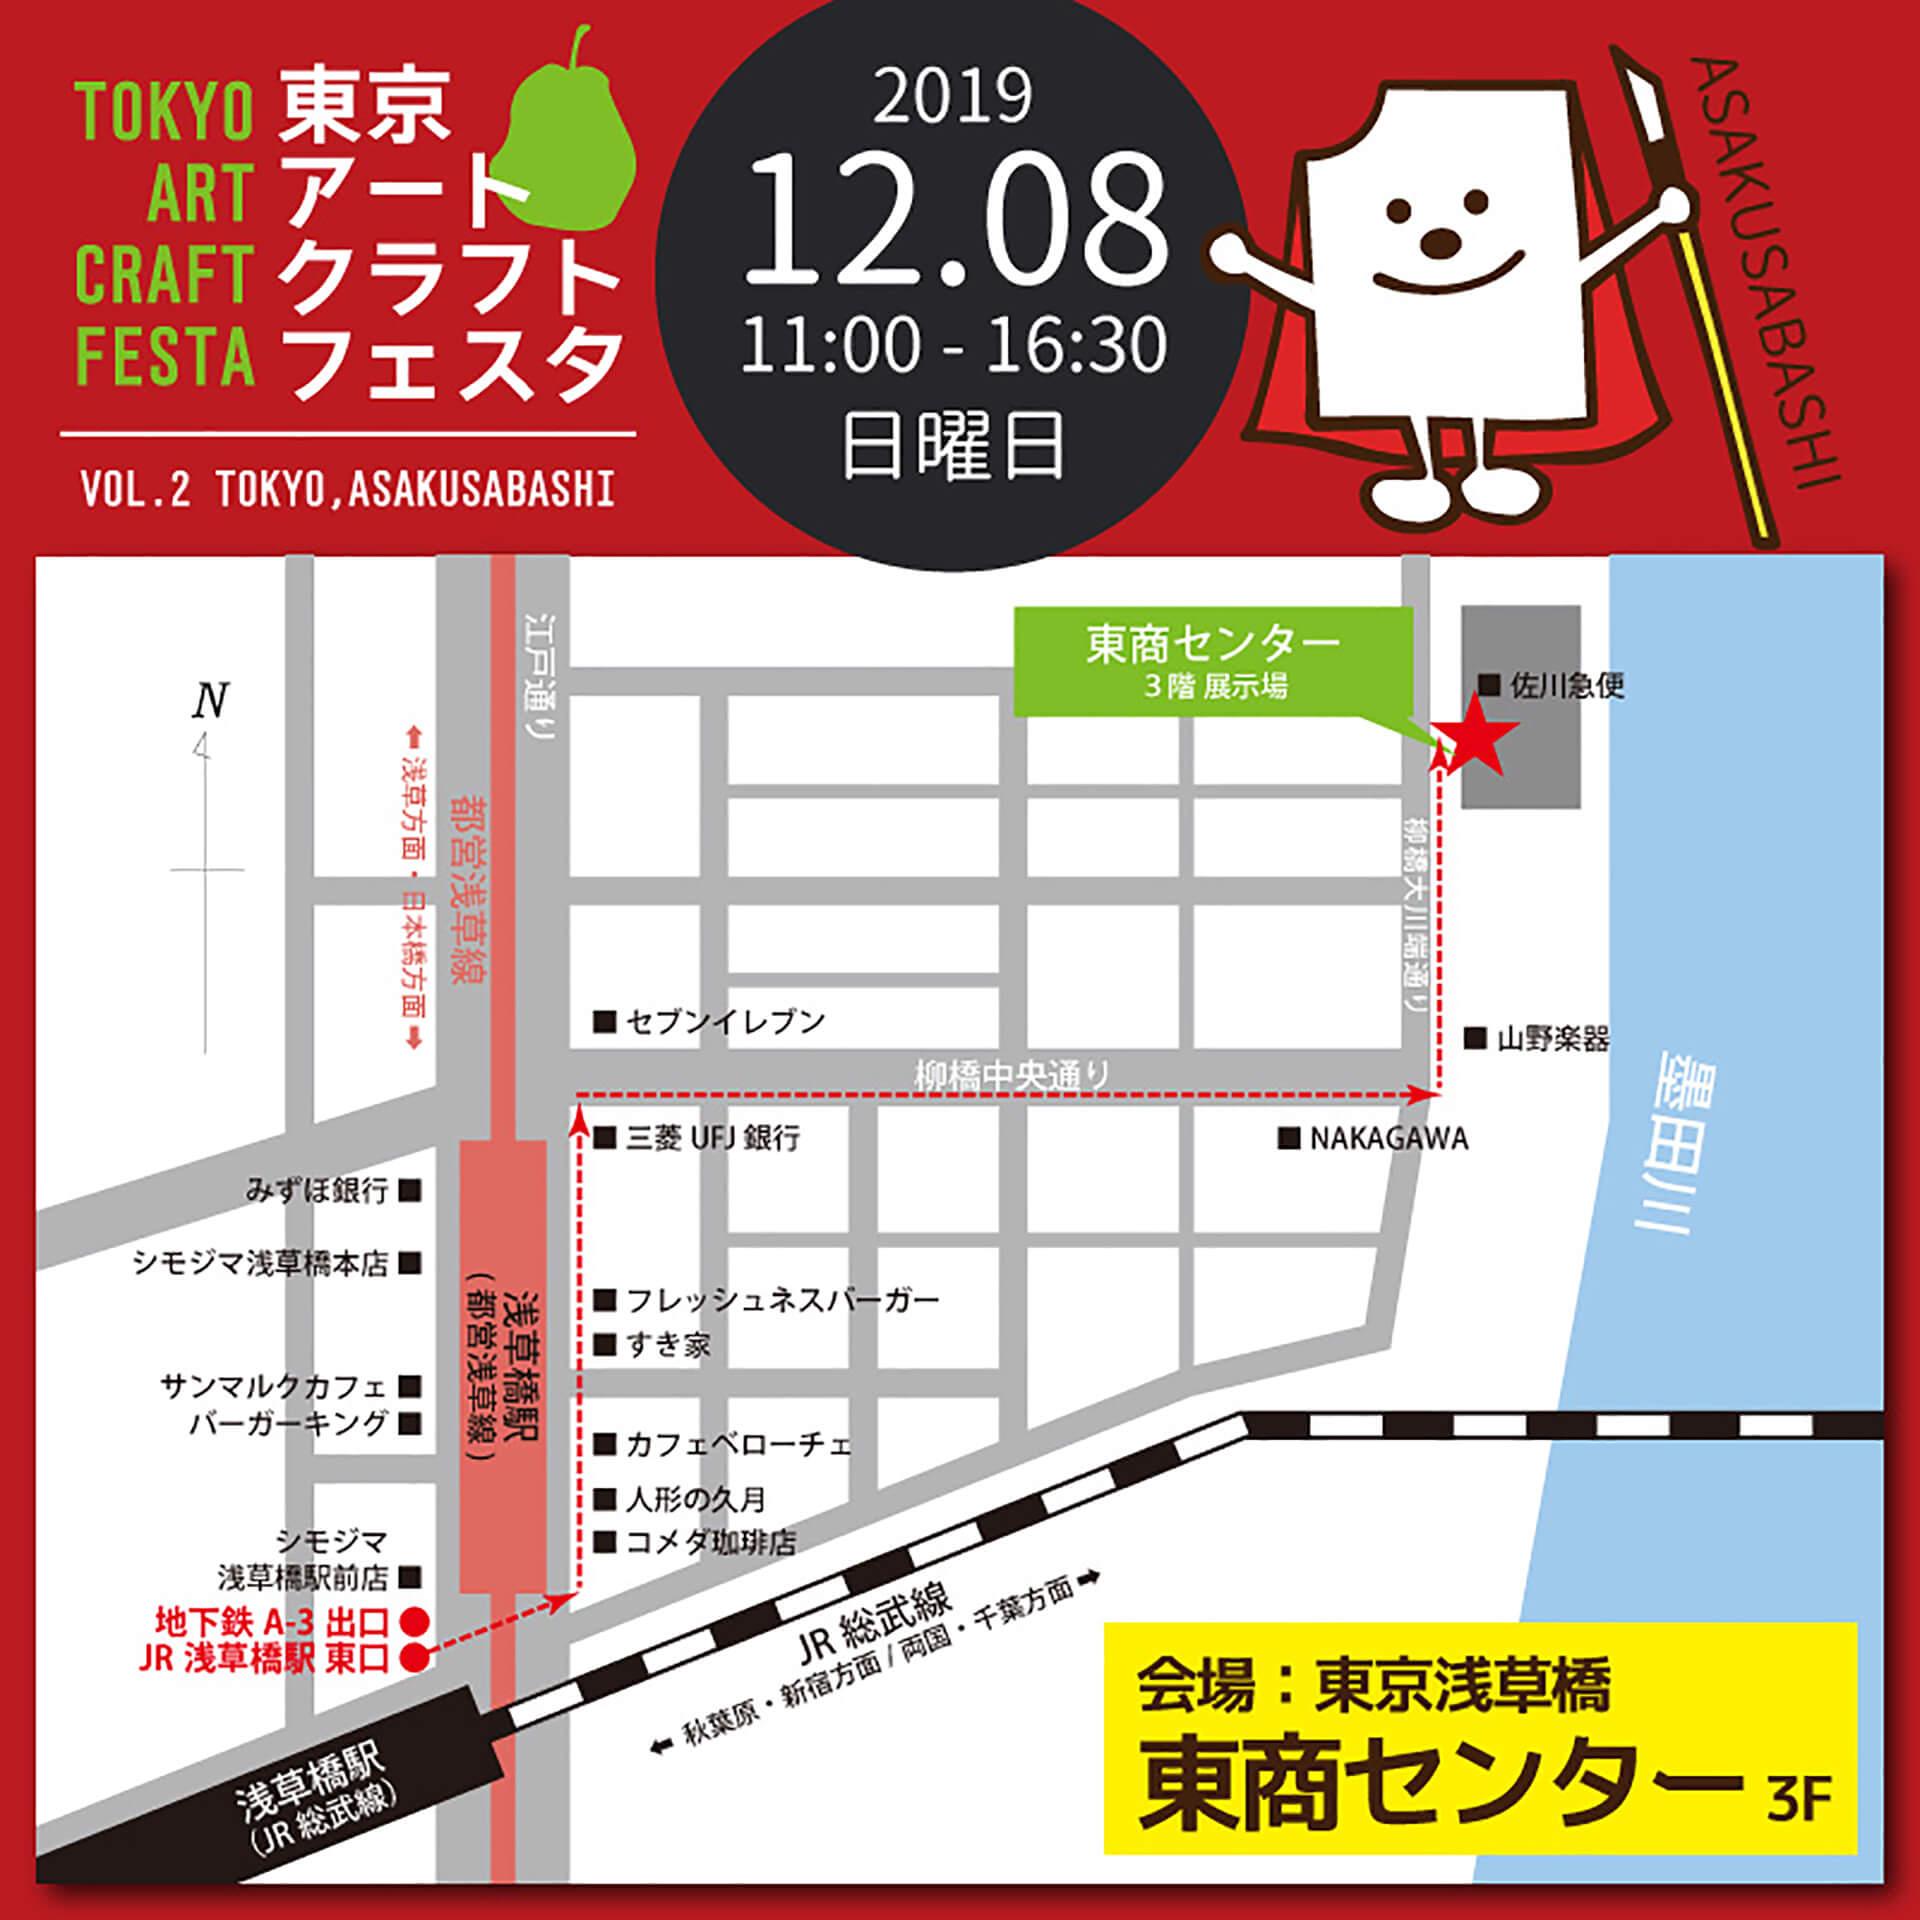 東京アートクラフトフェスタ地図